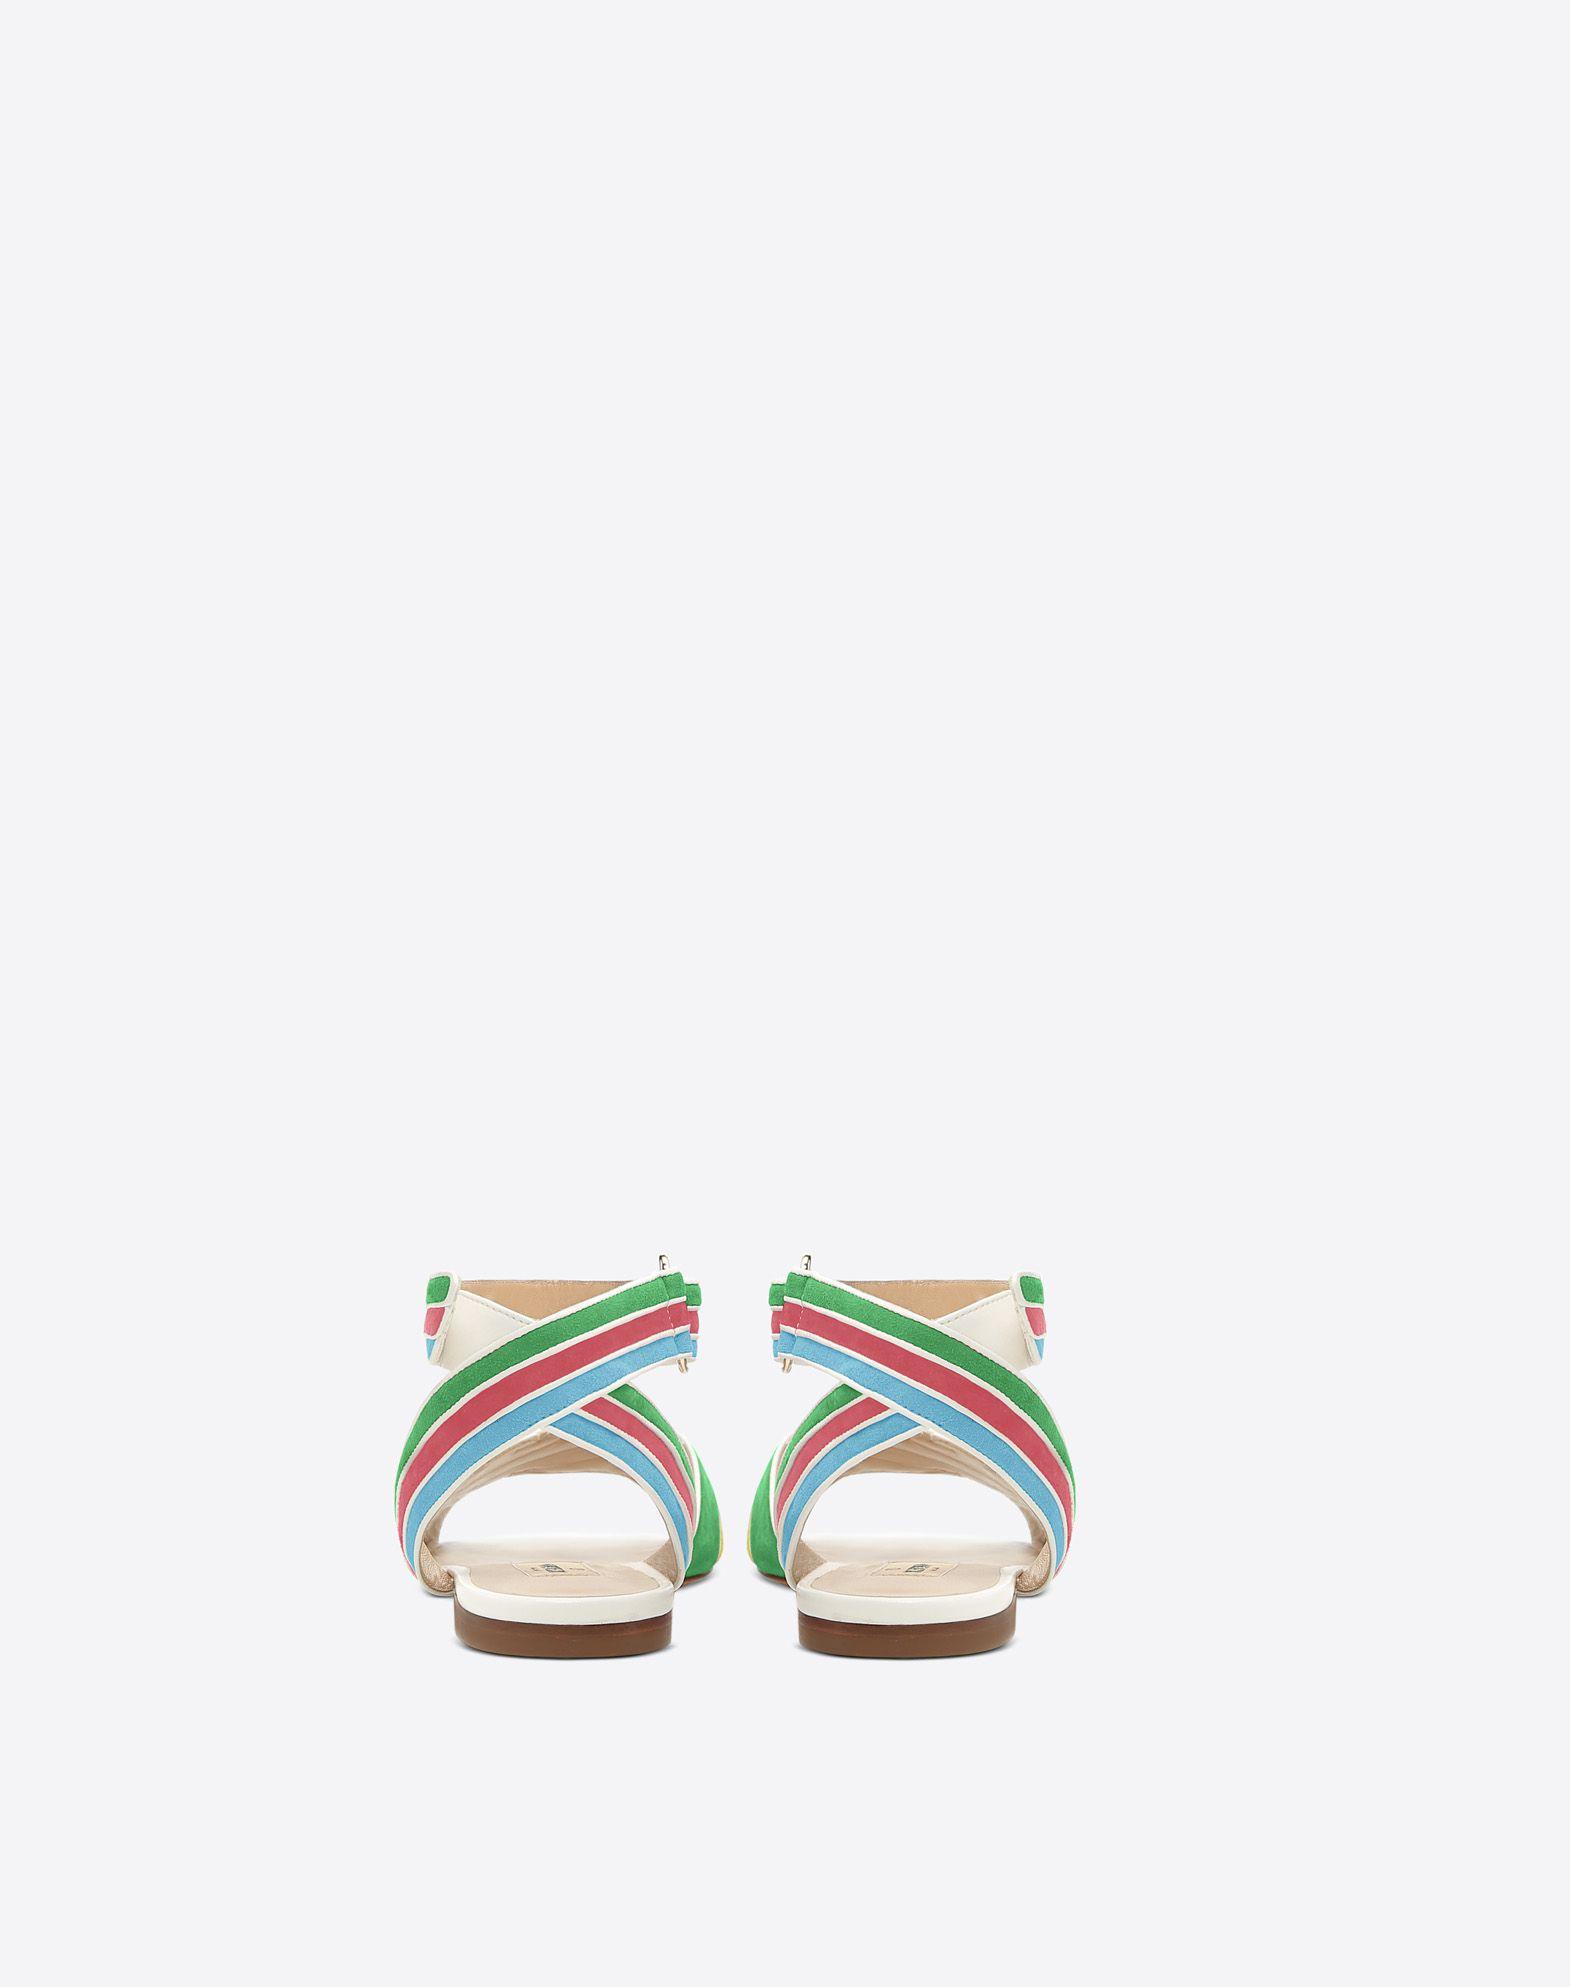 VALENTINO GARAVANI Sandalias multicolores FLAT SANDALS D d